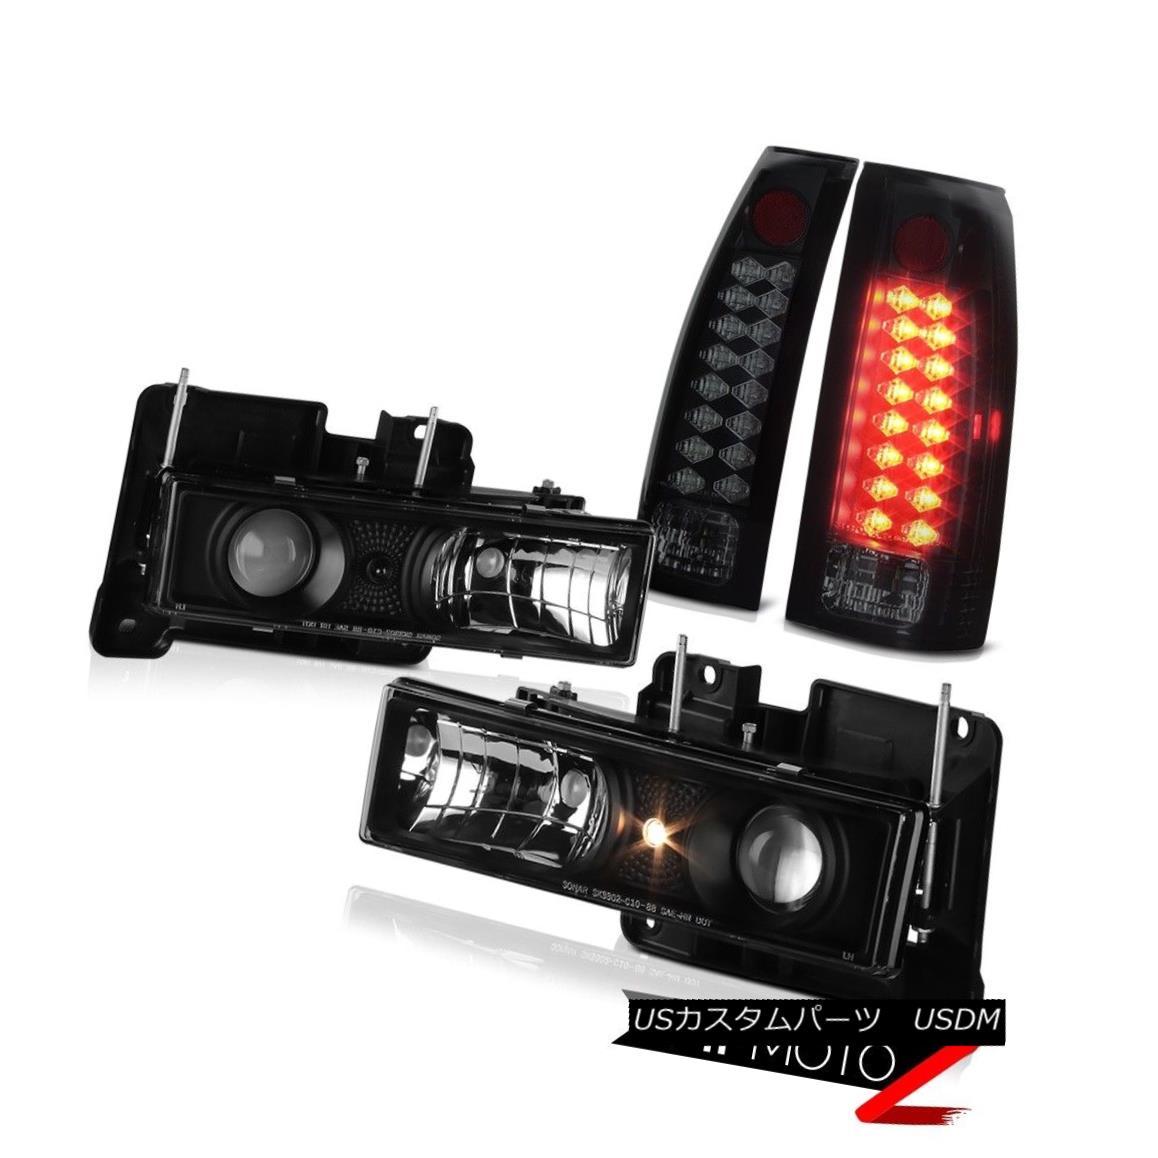 ファッションデザイナー テールライト LIMITED EDITION SINISTER BLACK SMOKE LED TAIL LIGHT PROJECTOR HEADLIGHT DRL LAMP LIMITED EDITION SINISTER BLACK SMOKE LEDテールライトプロジェクターヘッドライトDRLランプ, ネットdeまつやま cbdbb471